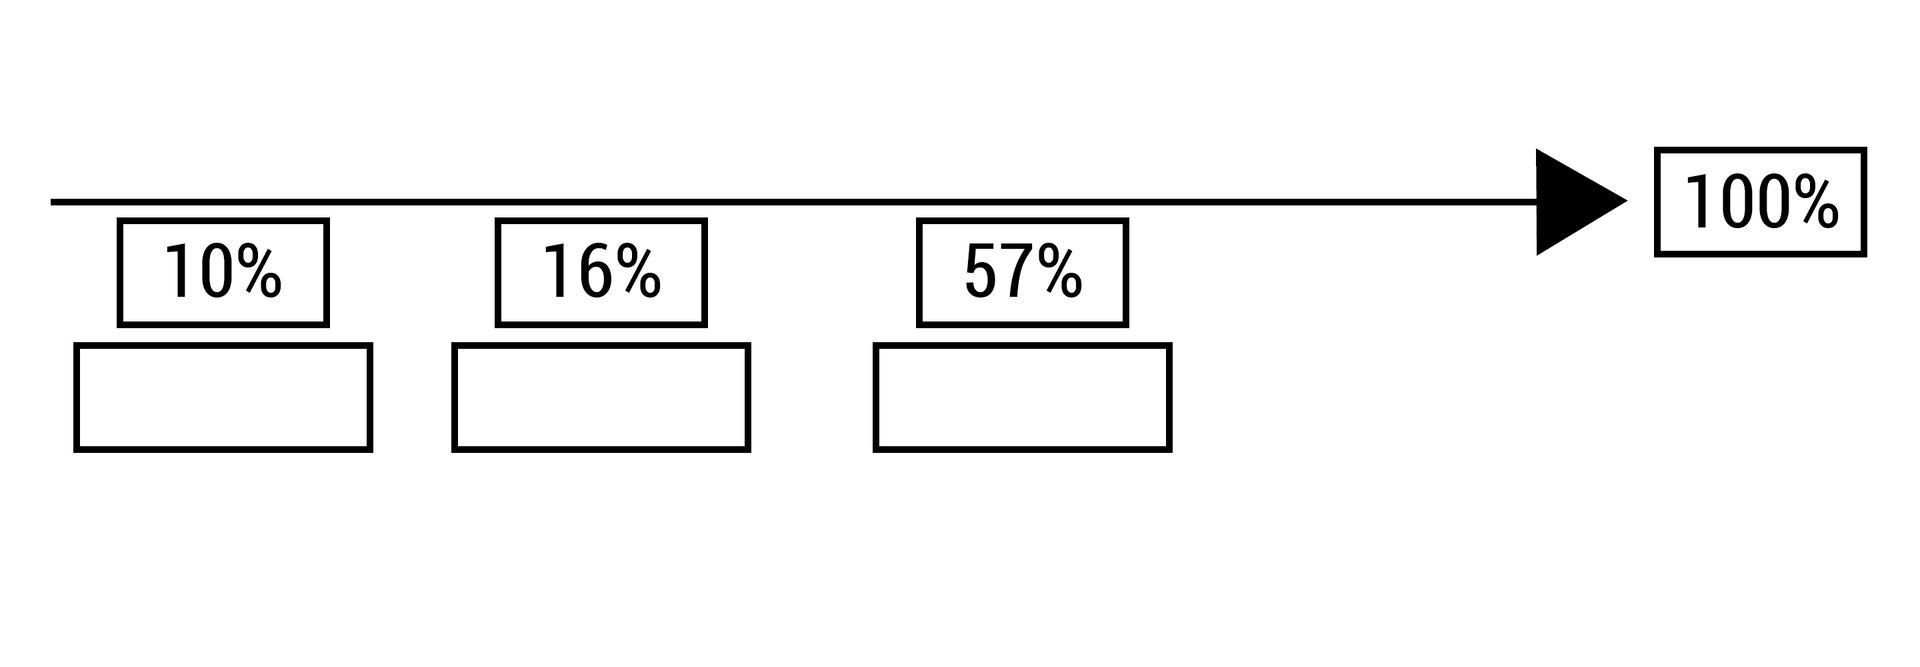 """Na grafice przedstawiona jest """"Emisja (w procentach) CO2 wposzczególnych gałęziach w2015 r."""" wpostaci osi """"biegnącej"""" wkierunku 100 %. Na osi znajdują się trzy kafelki zwartościami 10%, 16% i57%."""